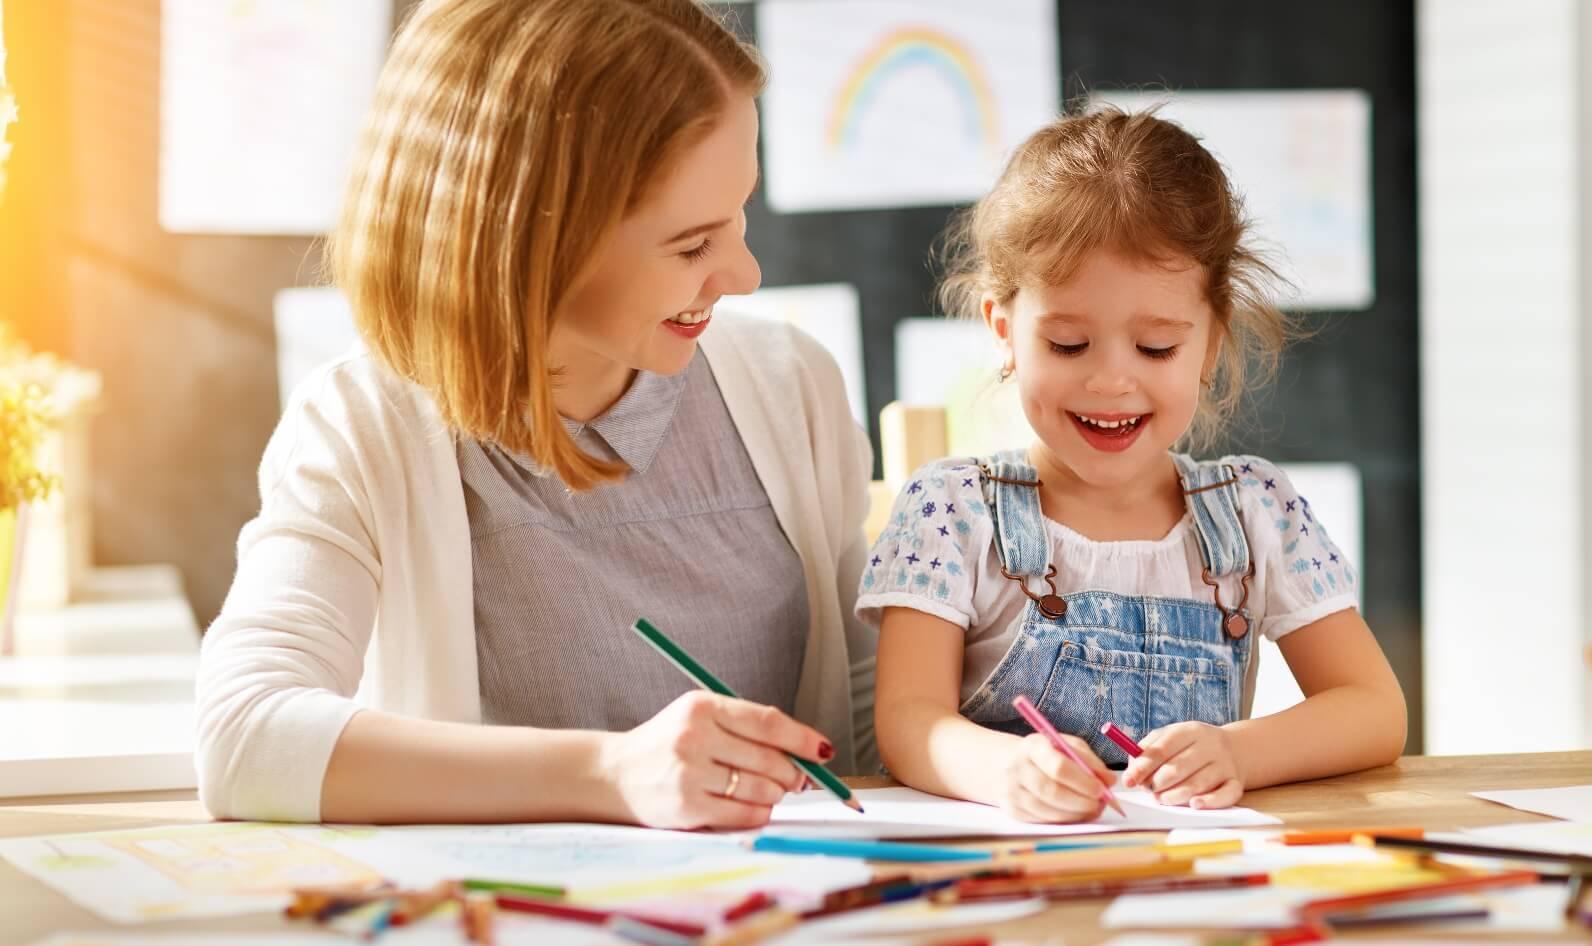 Pse është e rëndësishme që prindërit të luajnë me fëmijët e tyre kur të kthehen në shtëpi nga puna?